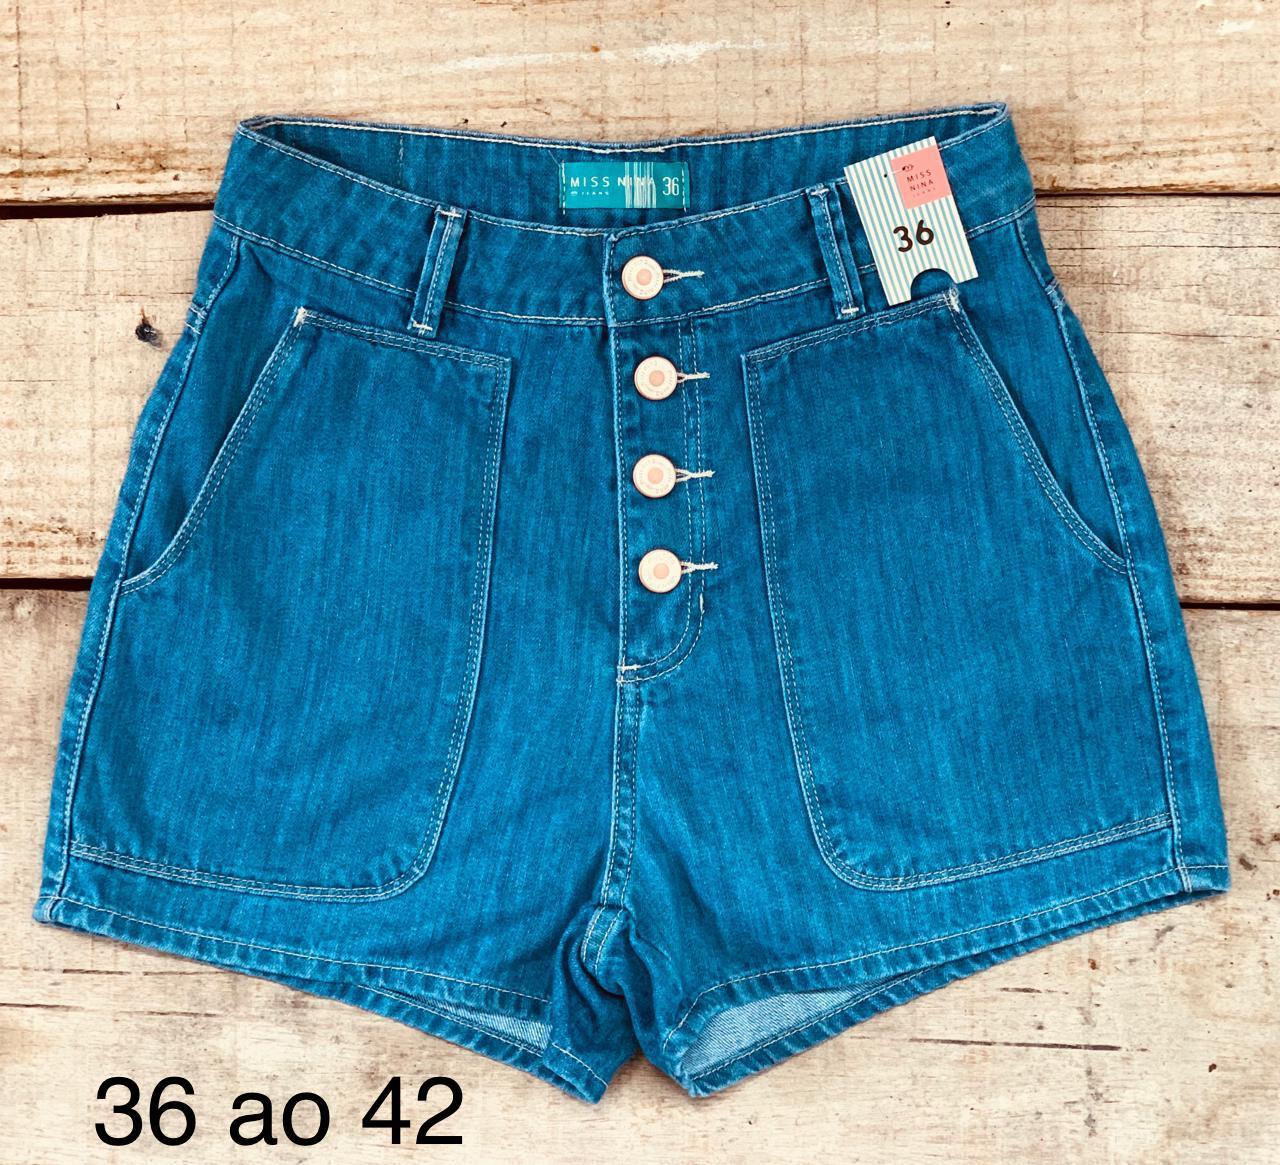 Shorts July